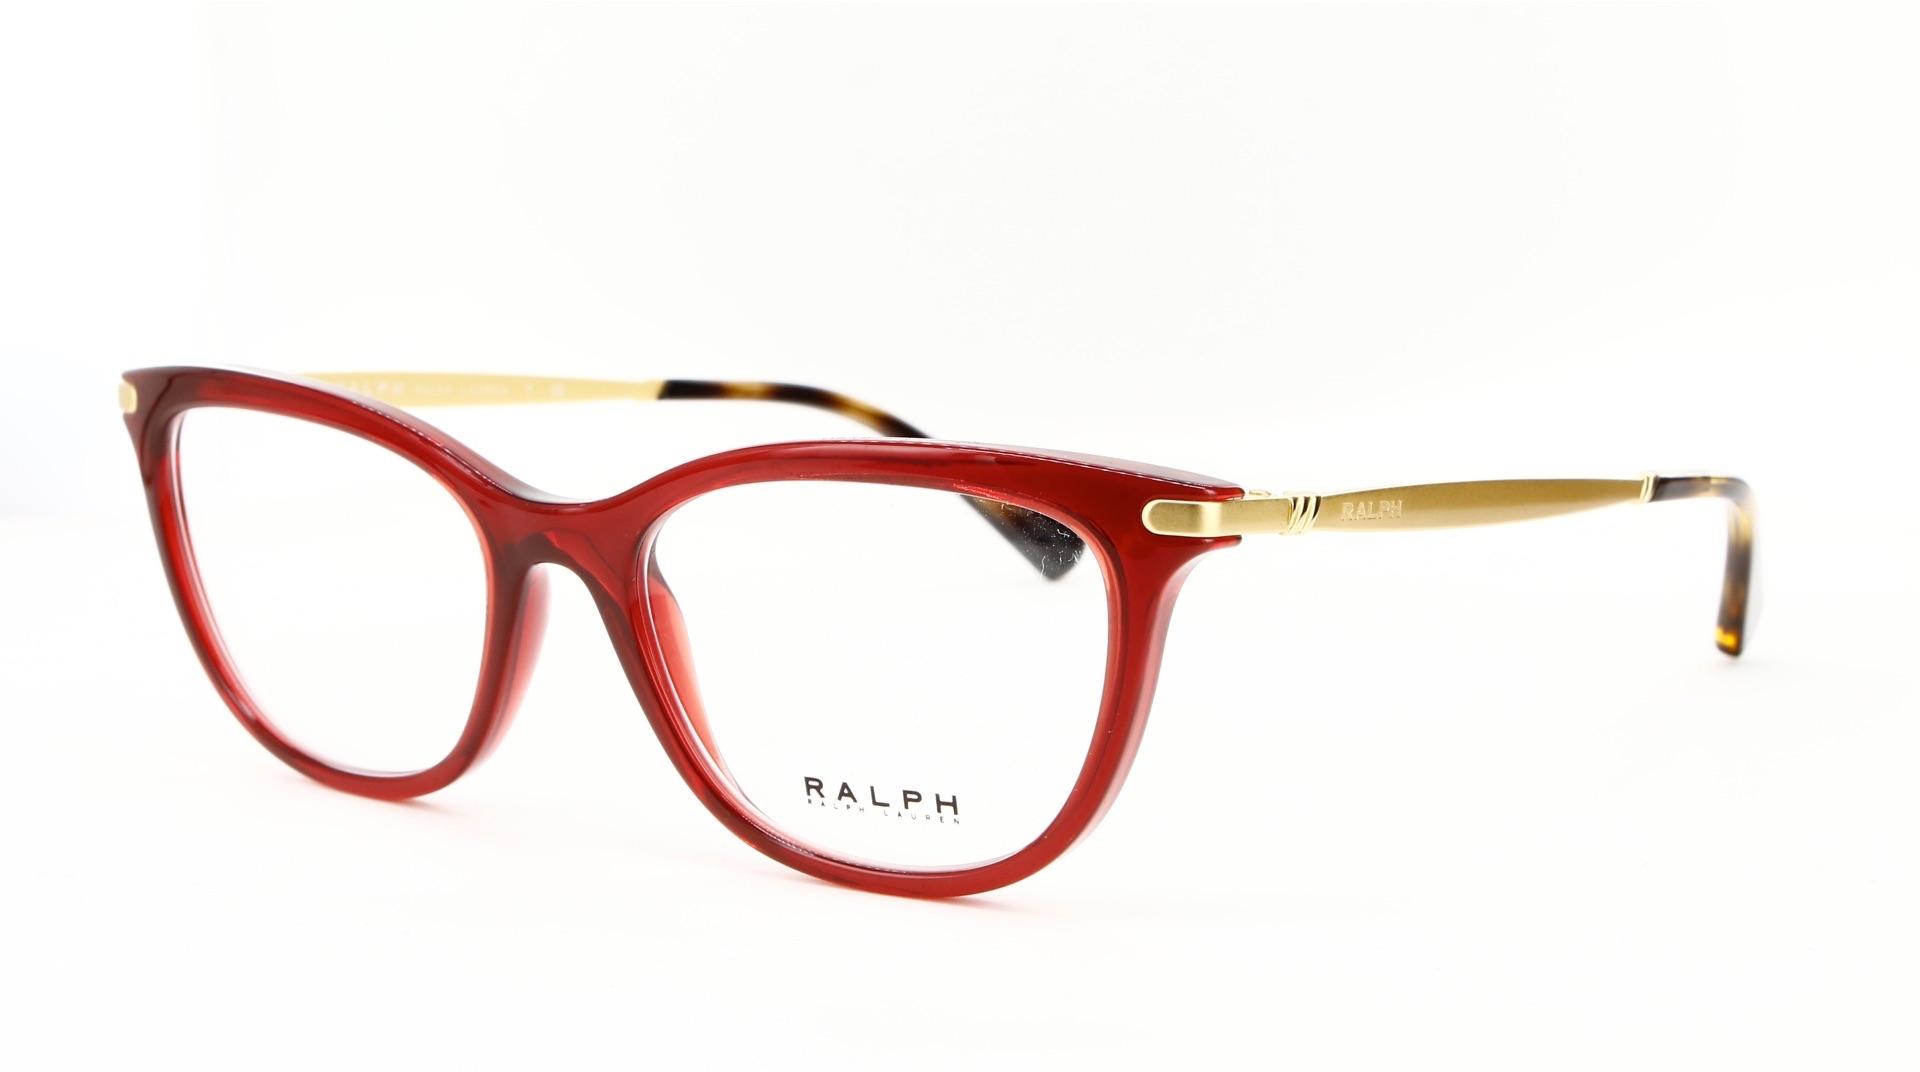 Polo Ralph Lauren - ref: 80771